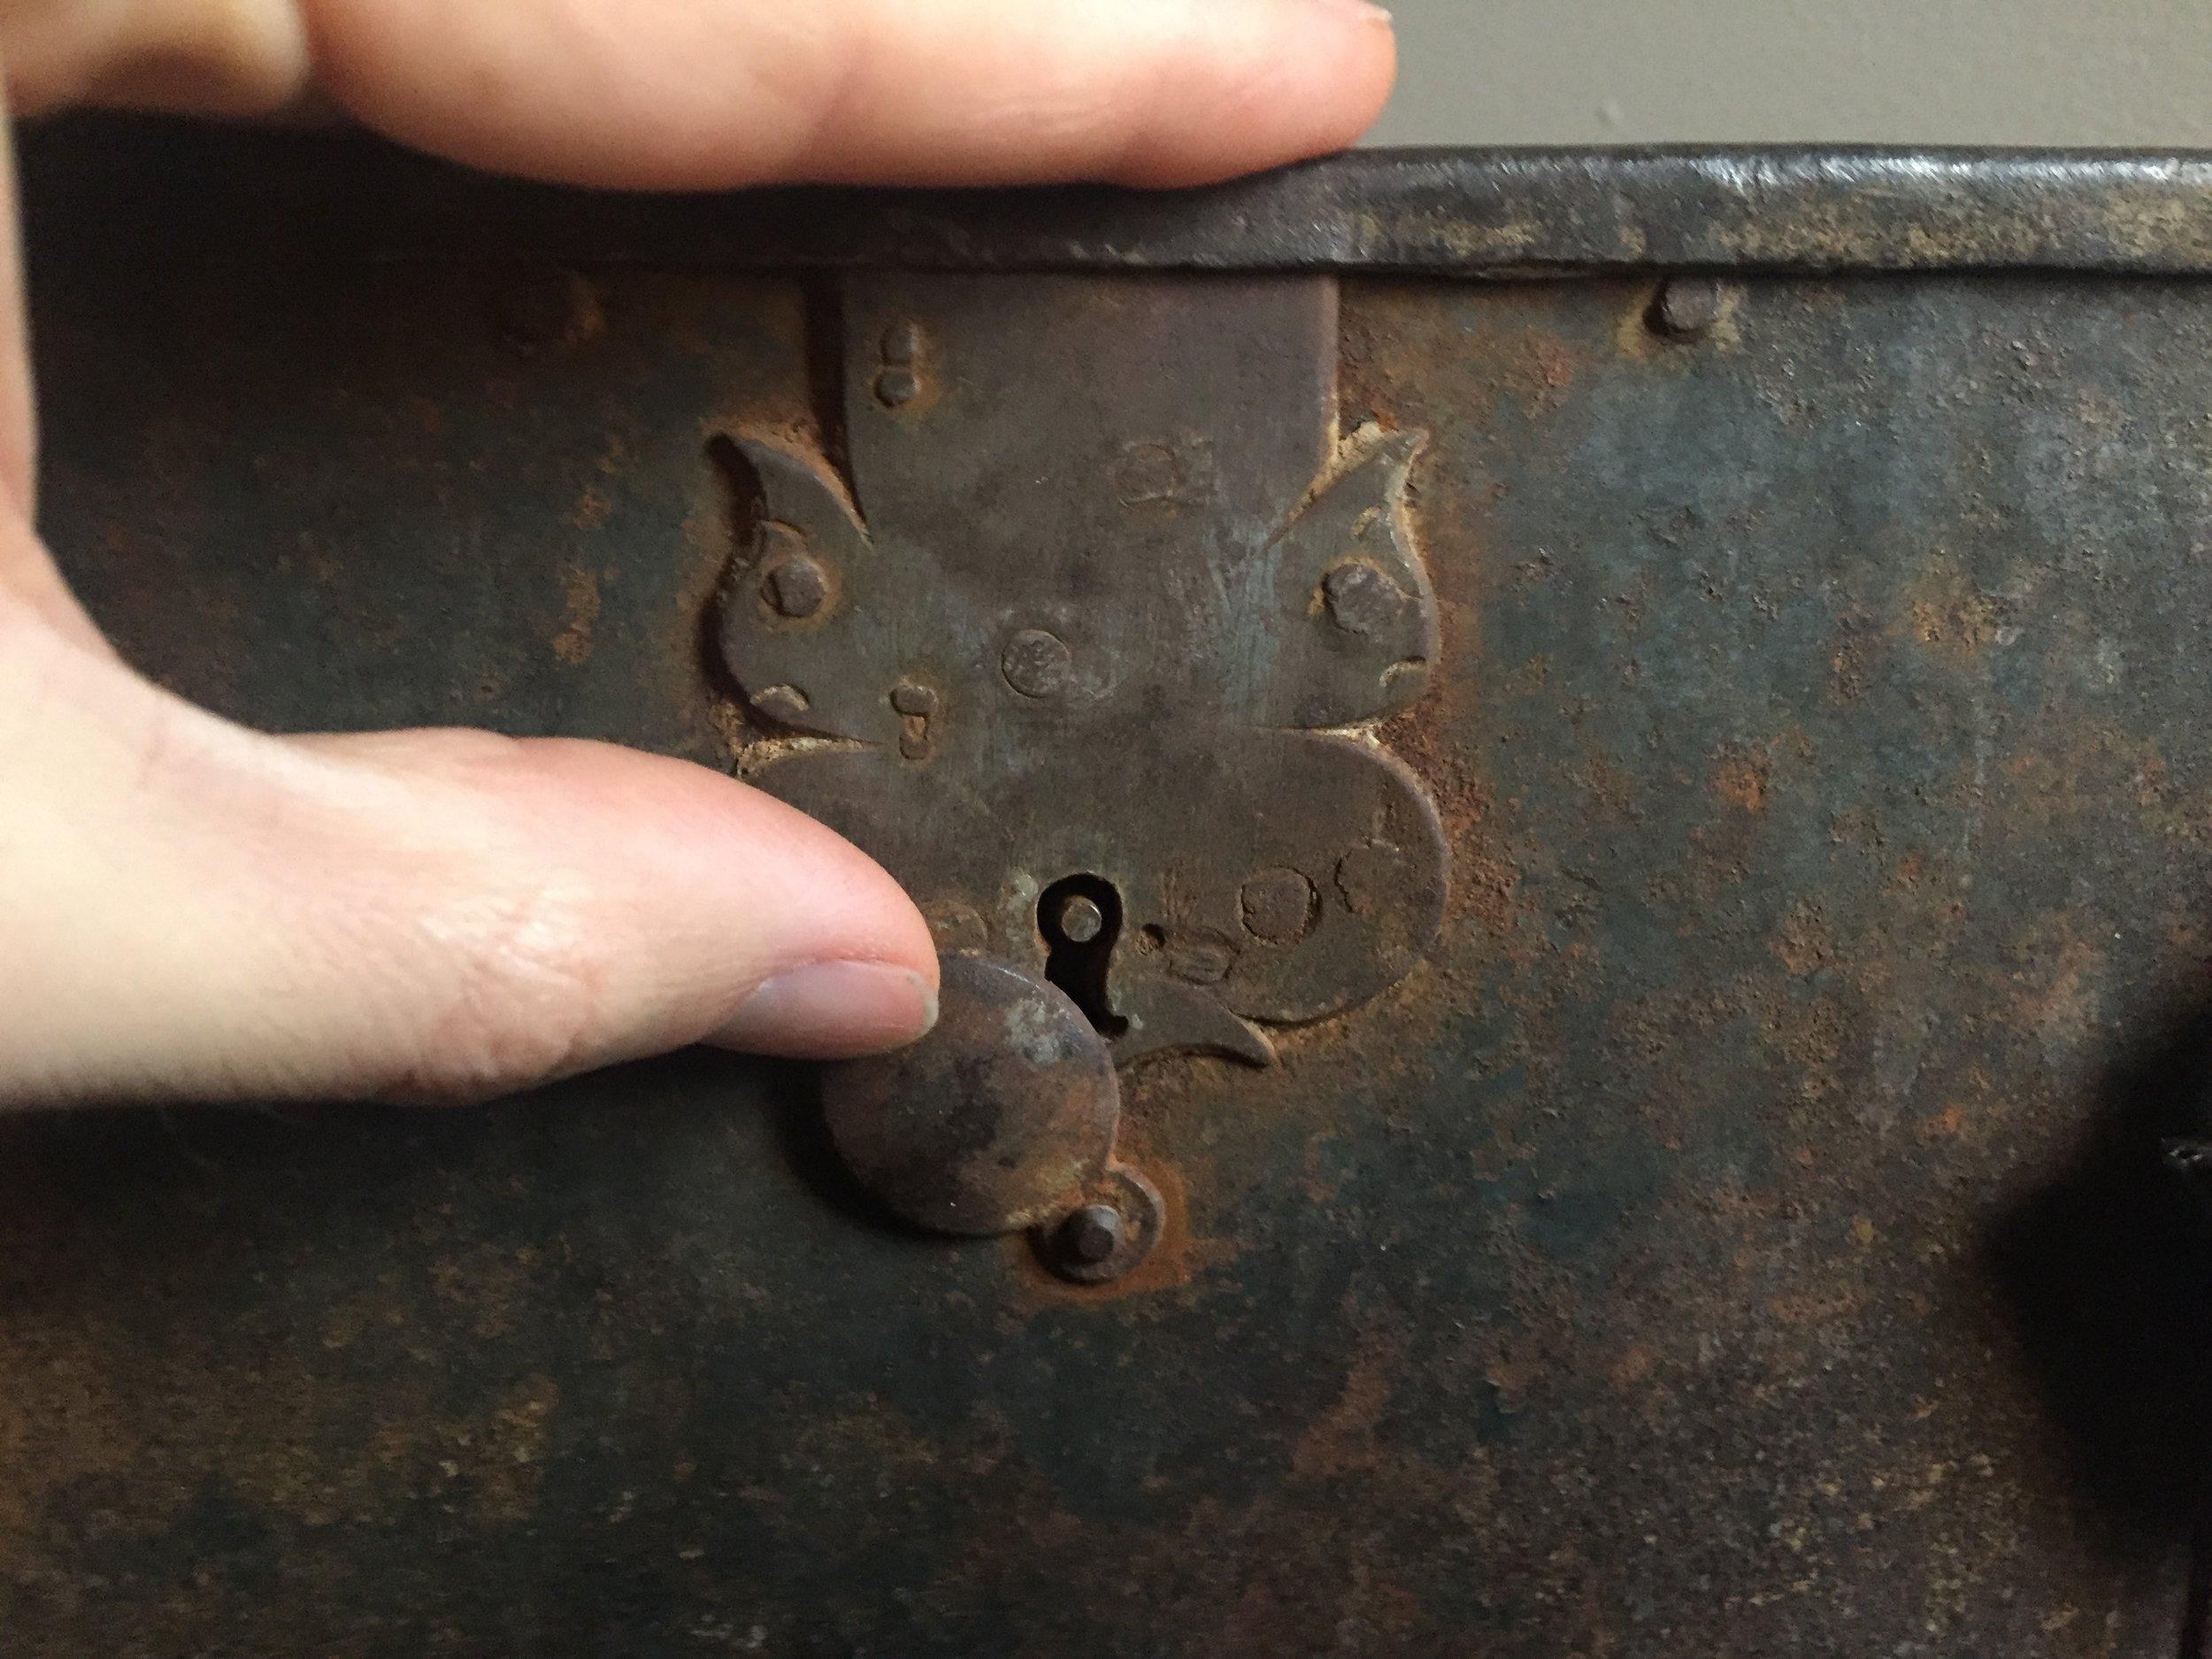 16_12_21_mcnr_two_lock_box_70_TrmkAntqs_0020.JPG